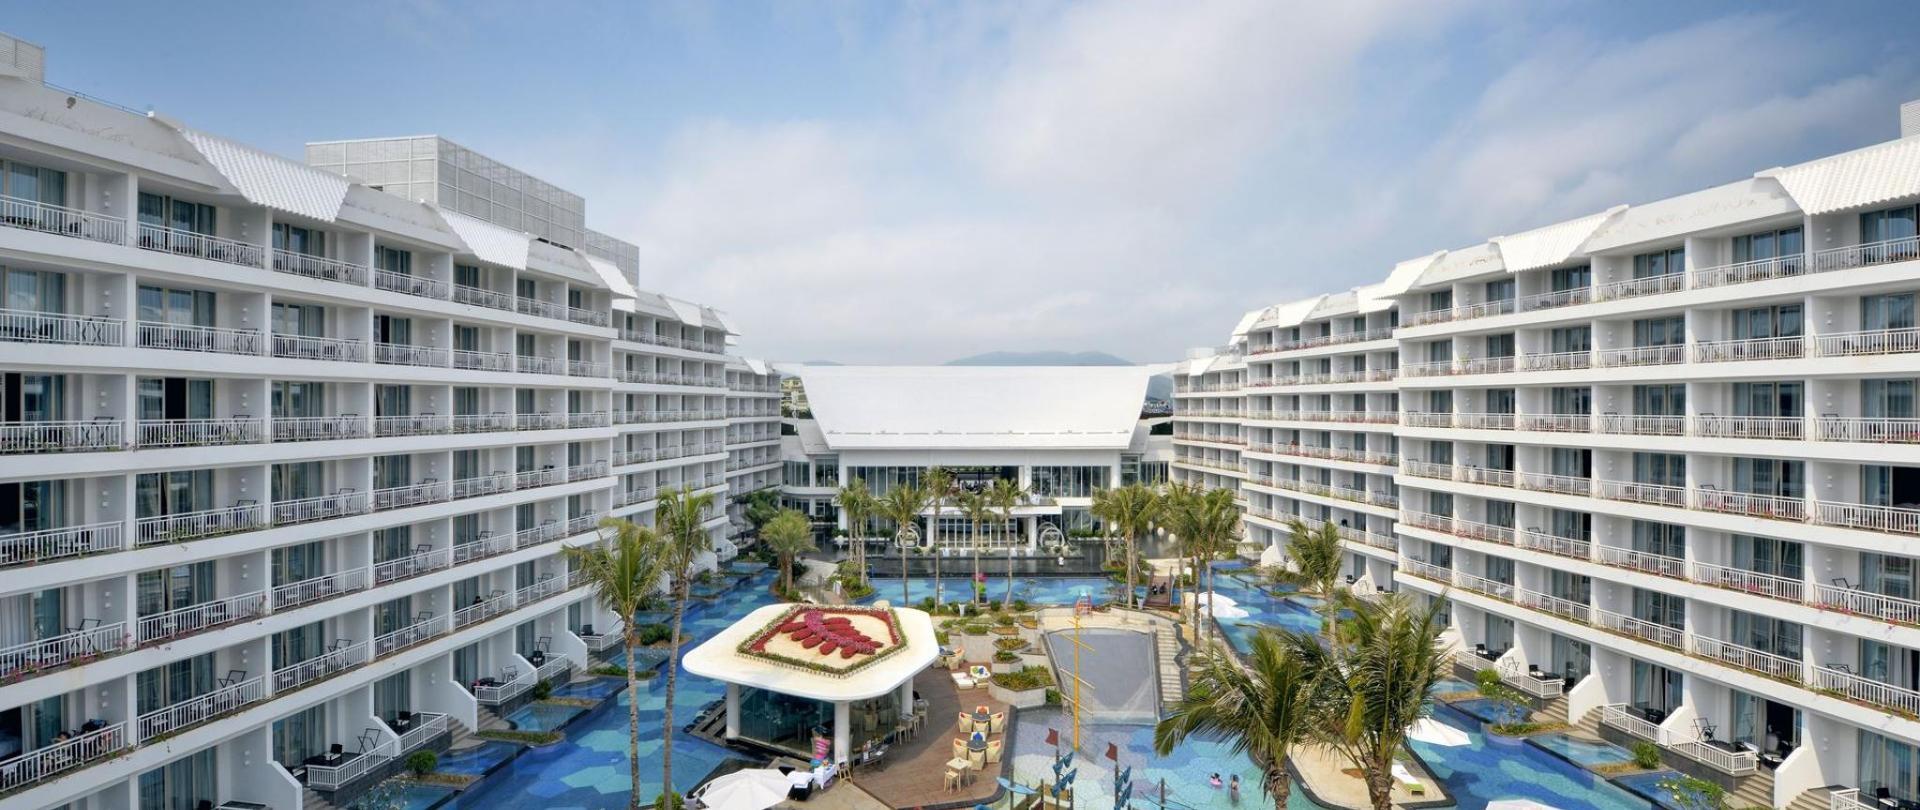 1 三亚亚龙湾迎宾馆-泳池 3.jpg